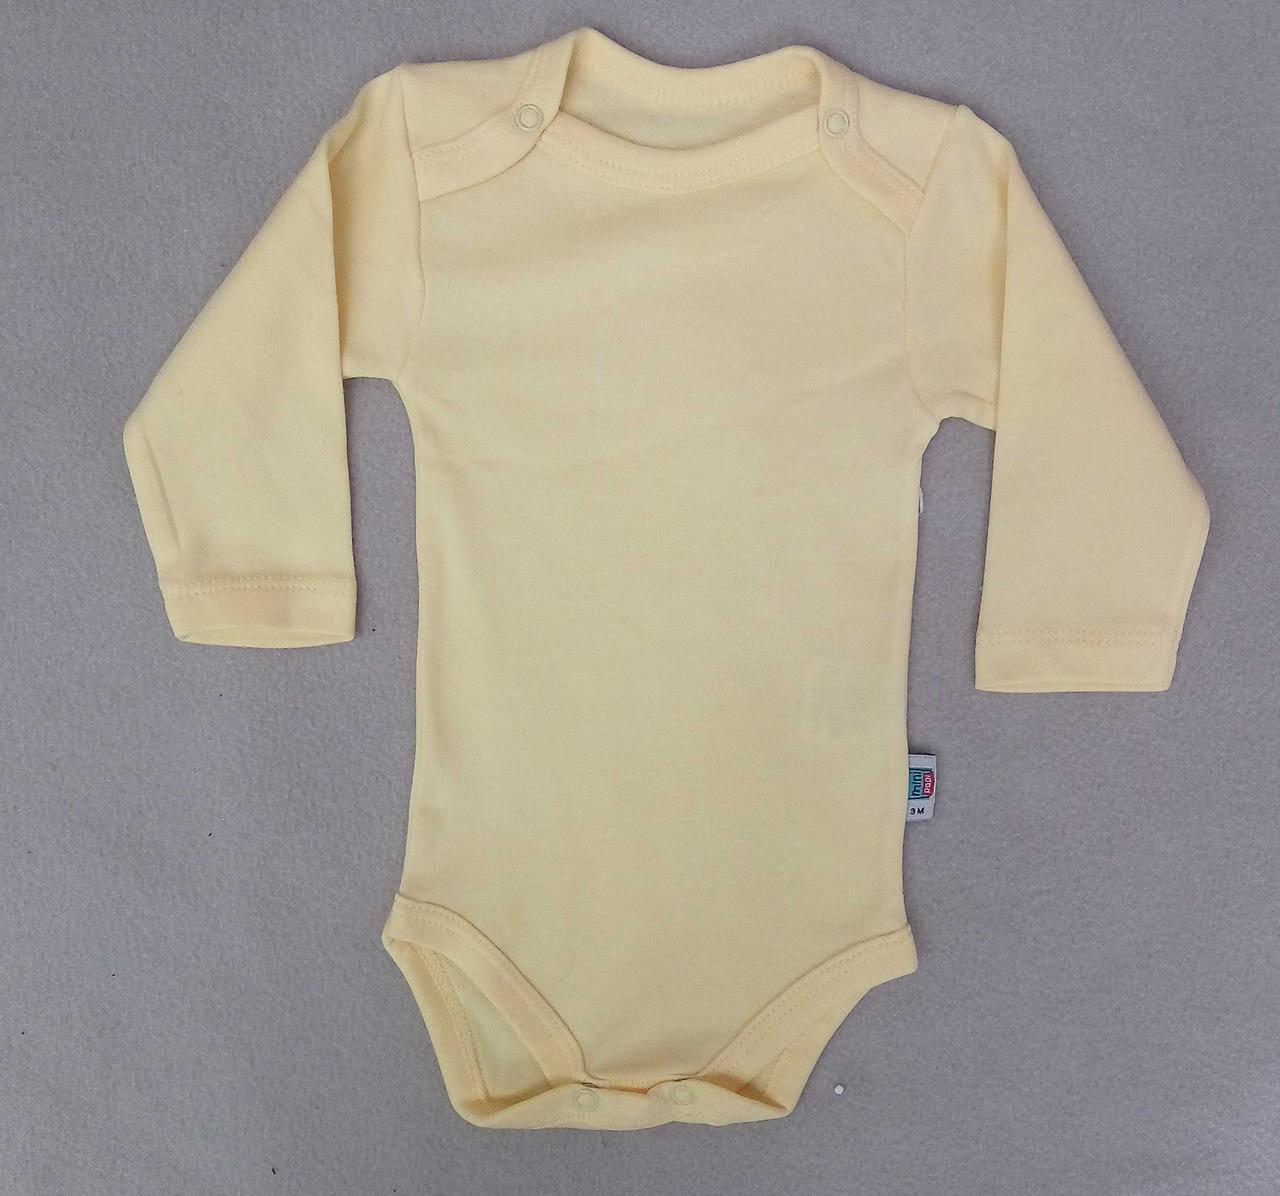 Боди для новорожденных 3-18 месяцев, желтый